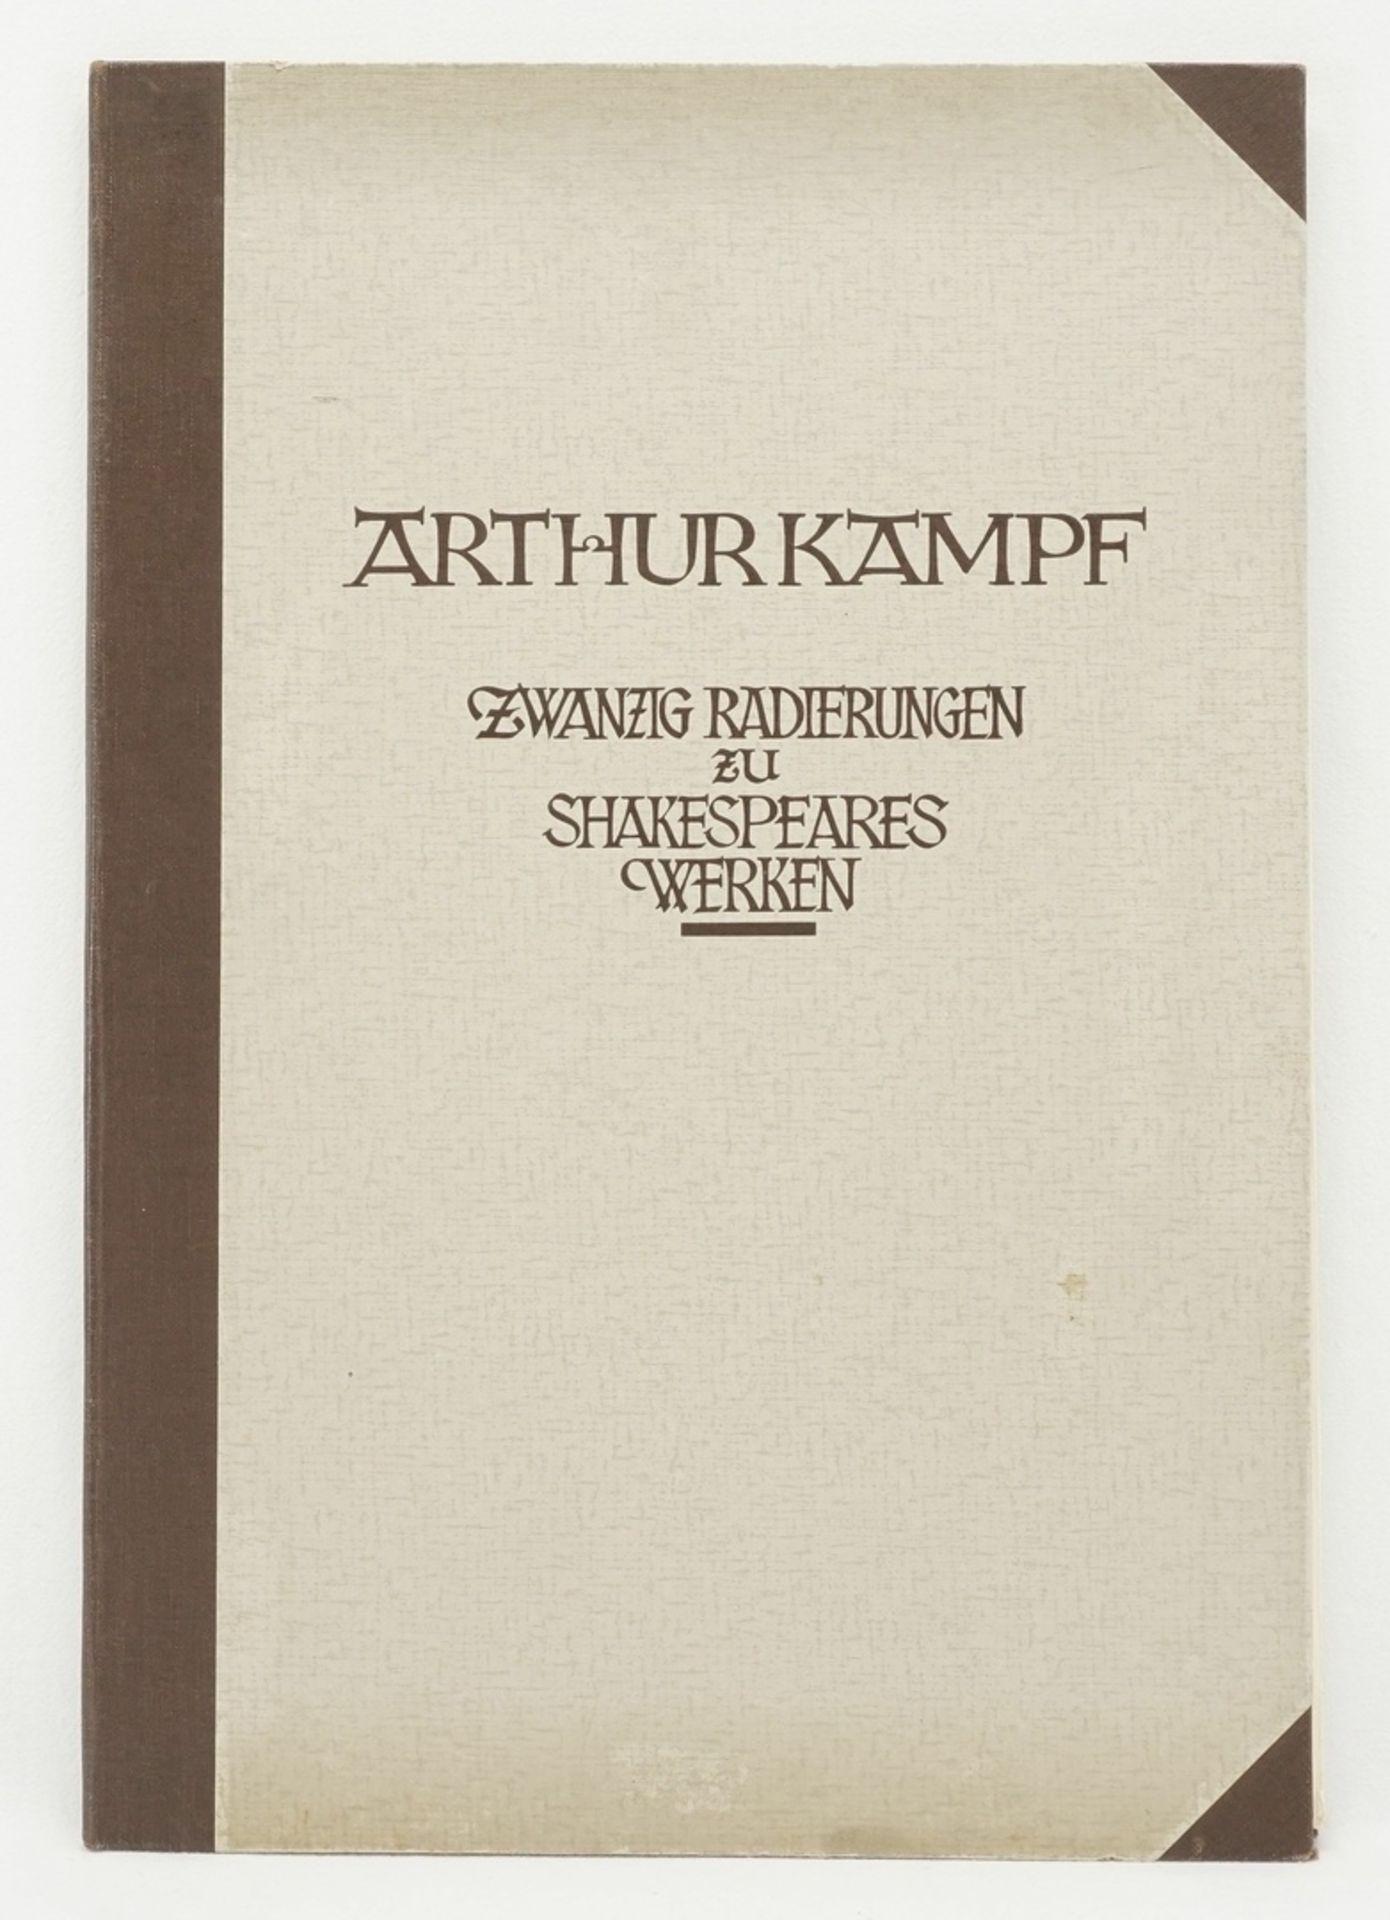 """Arthur Kampf, """"Zwanzig Radierungen zu Shakespeares Werken"""" (Mappe) - Bild 2 aus 8"""